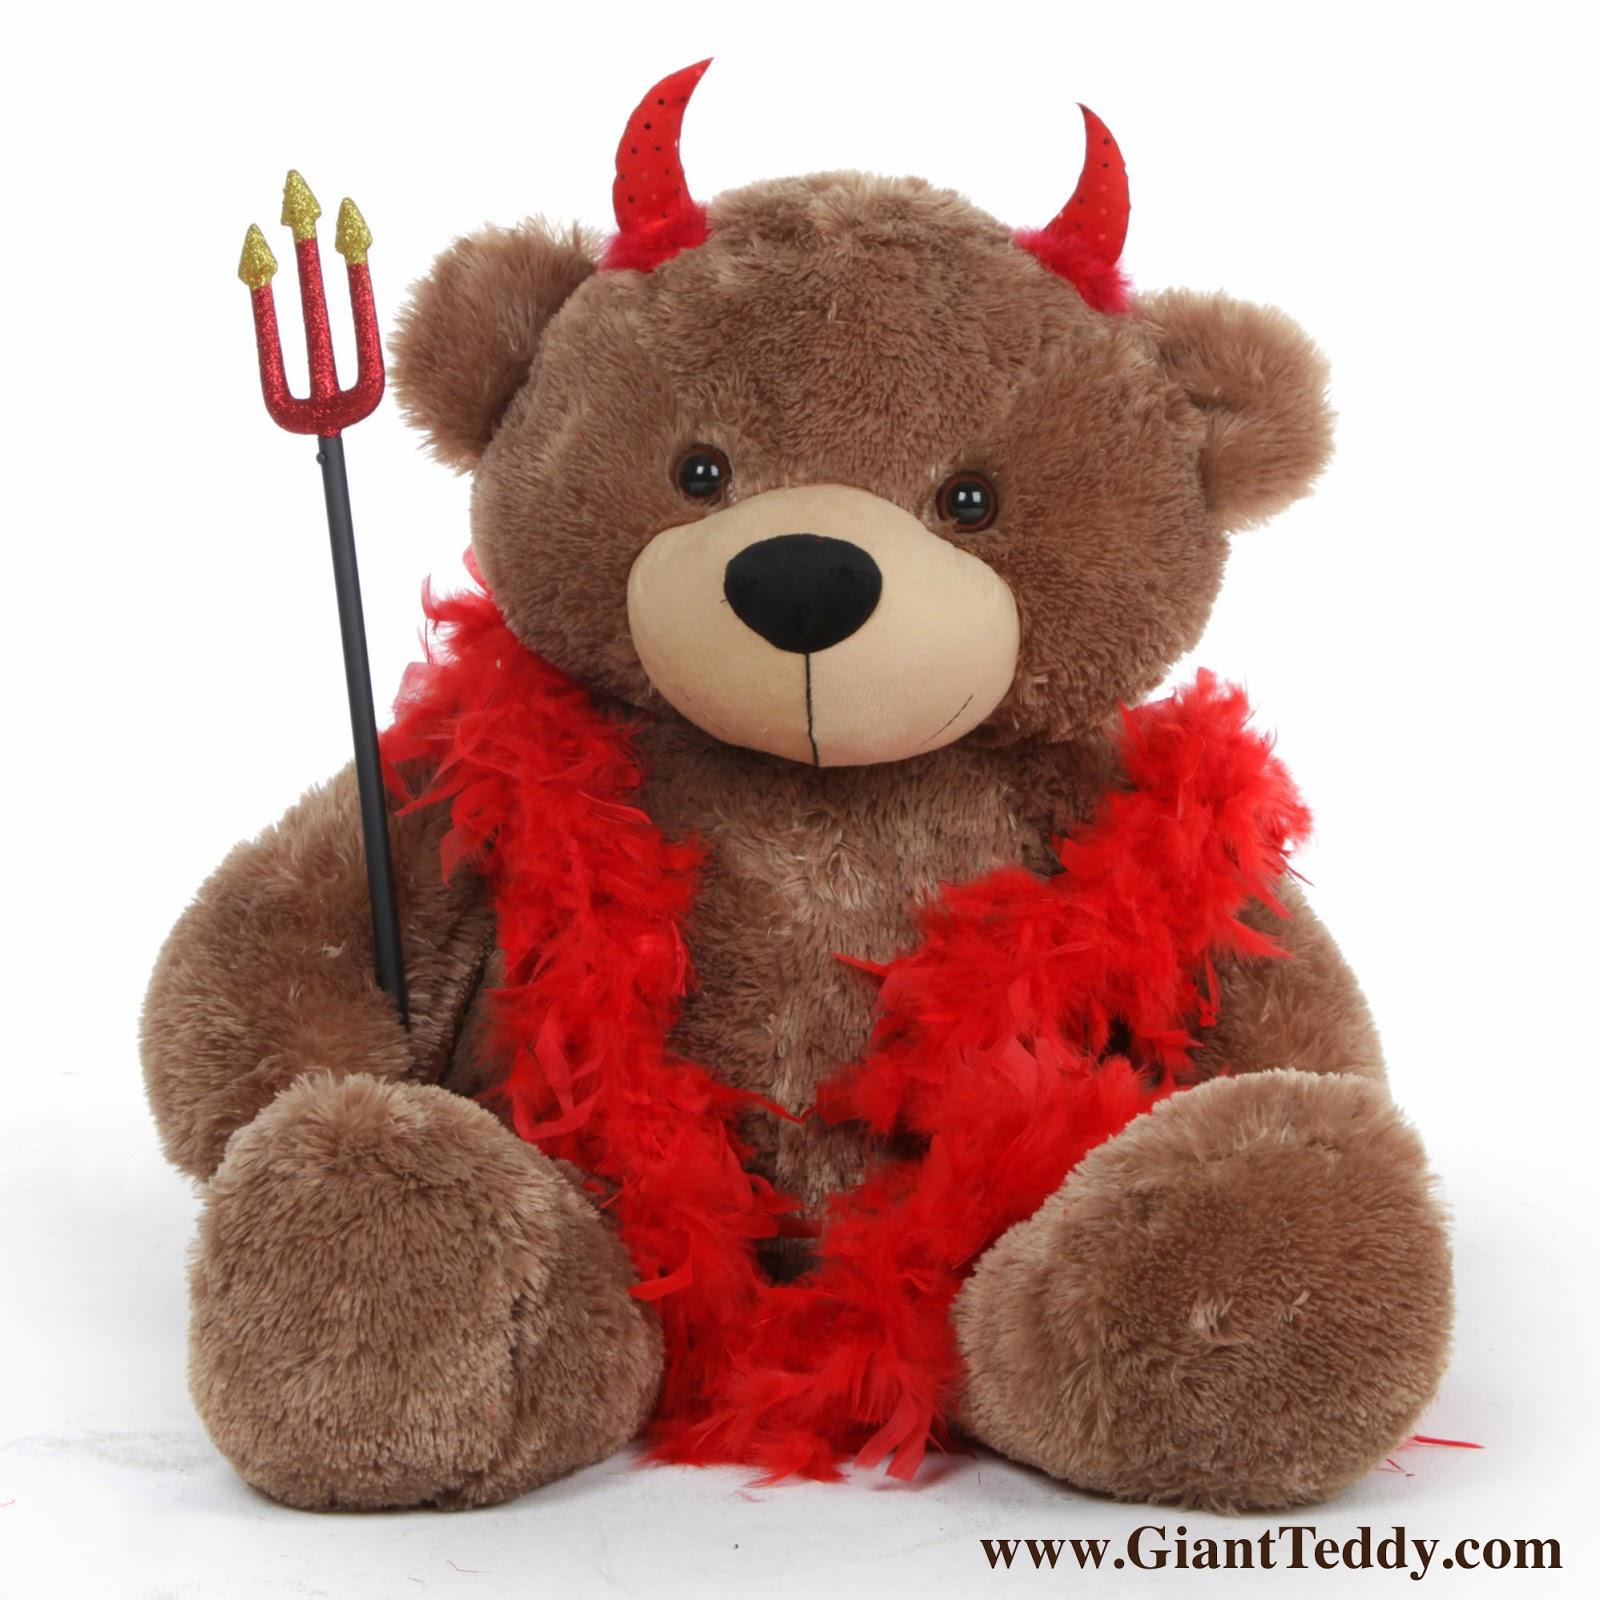 Giant Teddy Blog Giant Teddys Halloween Teddy Bears Are Spooky Fun